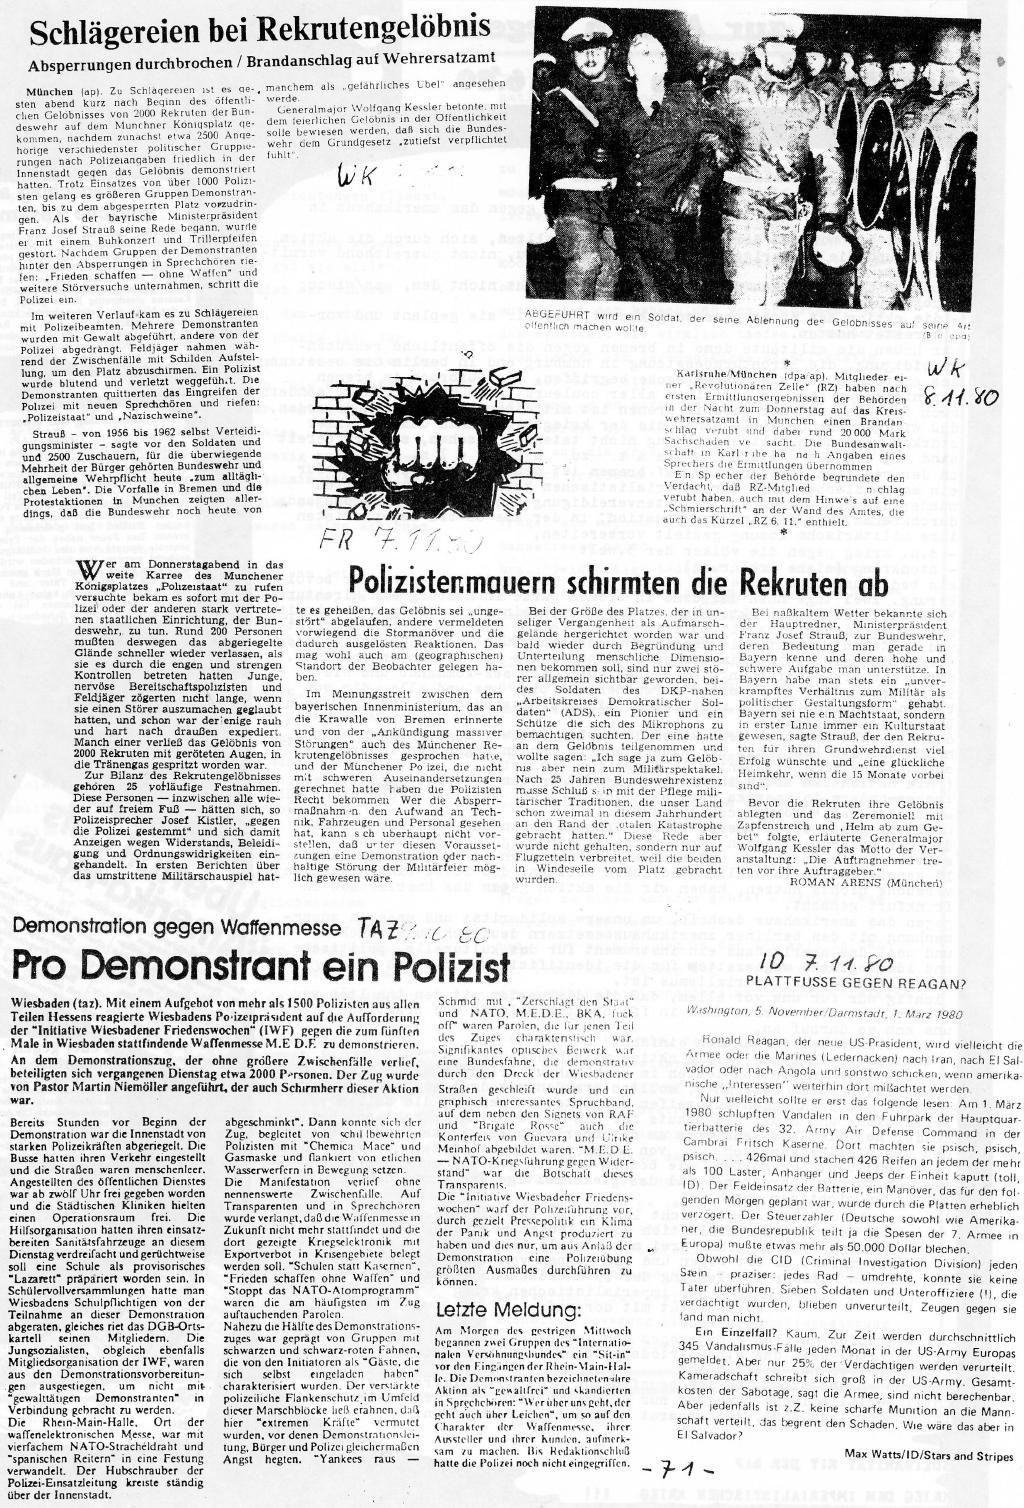 Bremen_1980_NATO_Broschuere_71